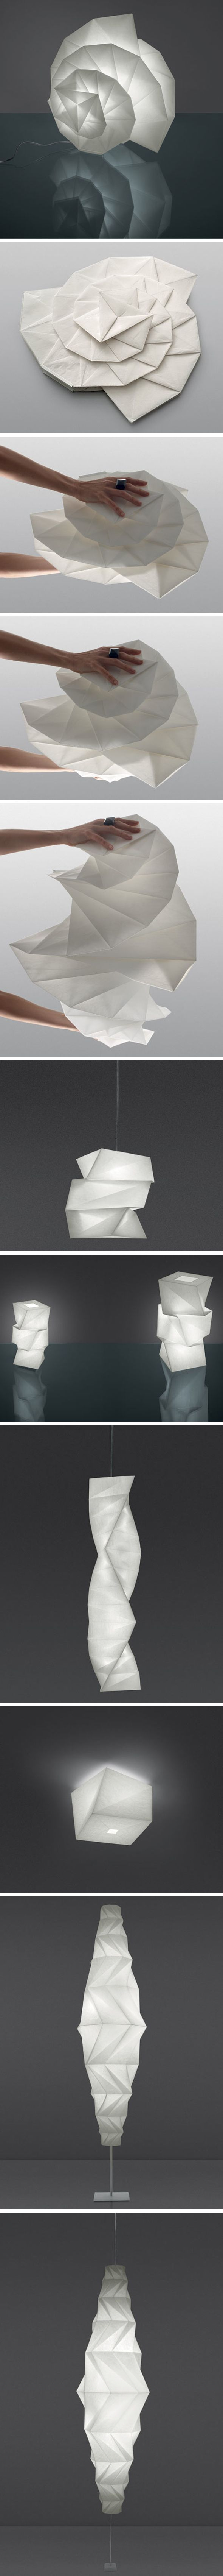 IN-EI par Issey Miyake pour Artemide. Collection de lampes suspendues, de chevet et de sol, conçue par le couturier Issey Miyake est inspirée de son projet 132 5. Chaque lampe est fabriquée à partir de bouteilles en plastique recyclé, avec le #PLISSAGEde la matière, lorsque la lampe est allumée, elle devient une sculpture remarquable. #PLIAGE